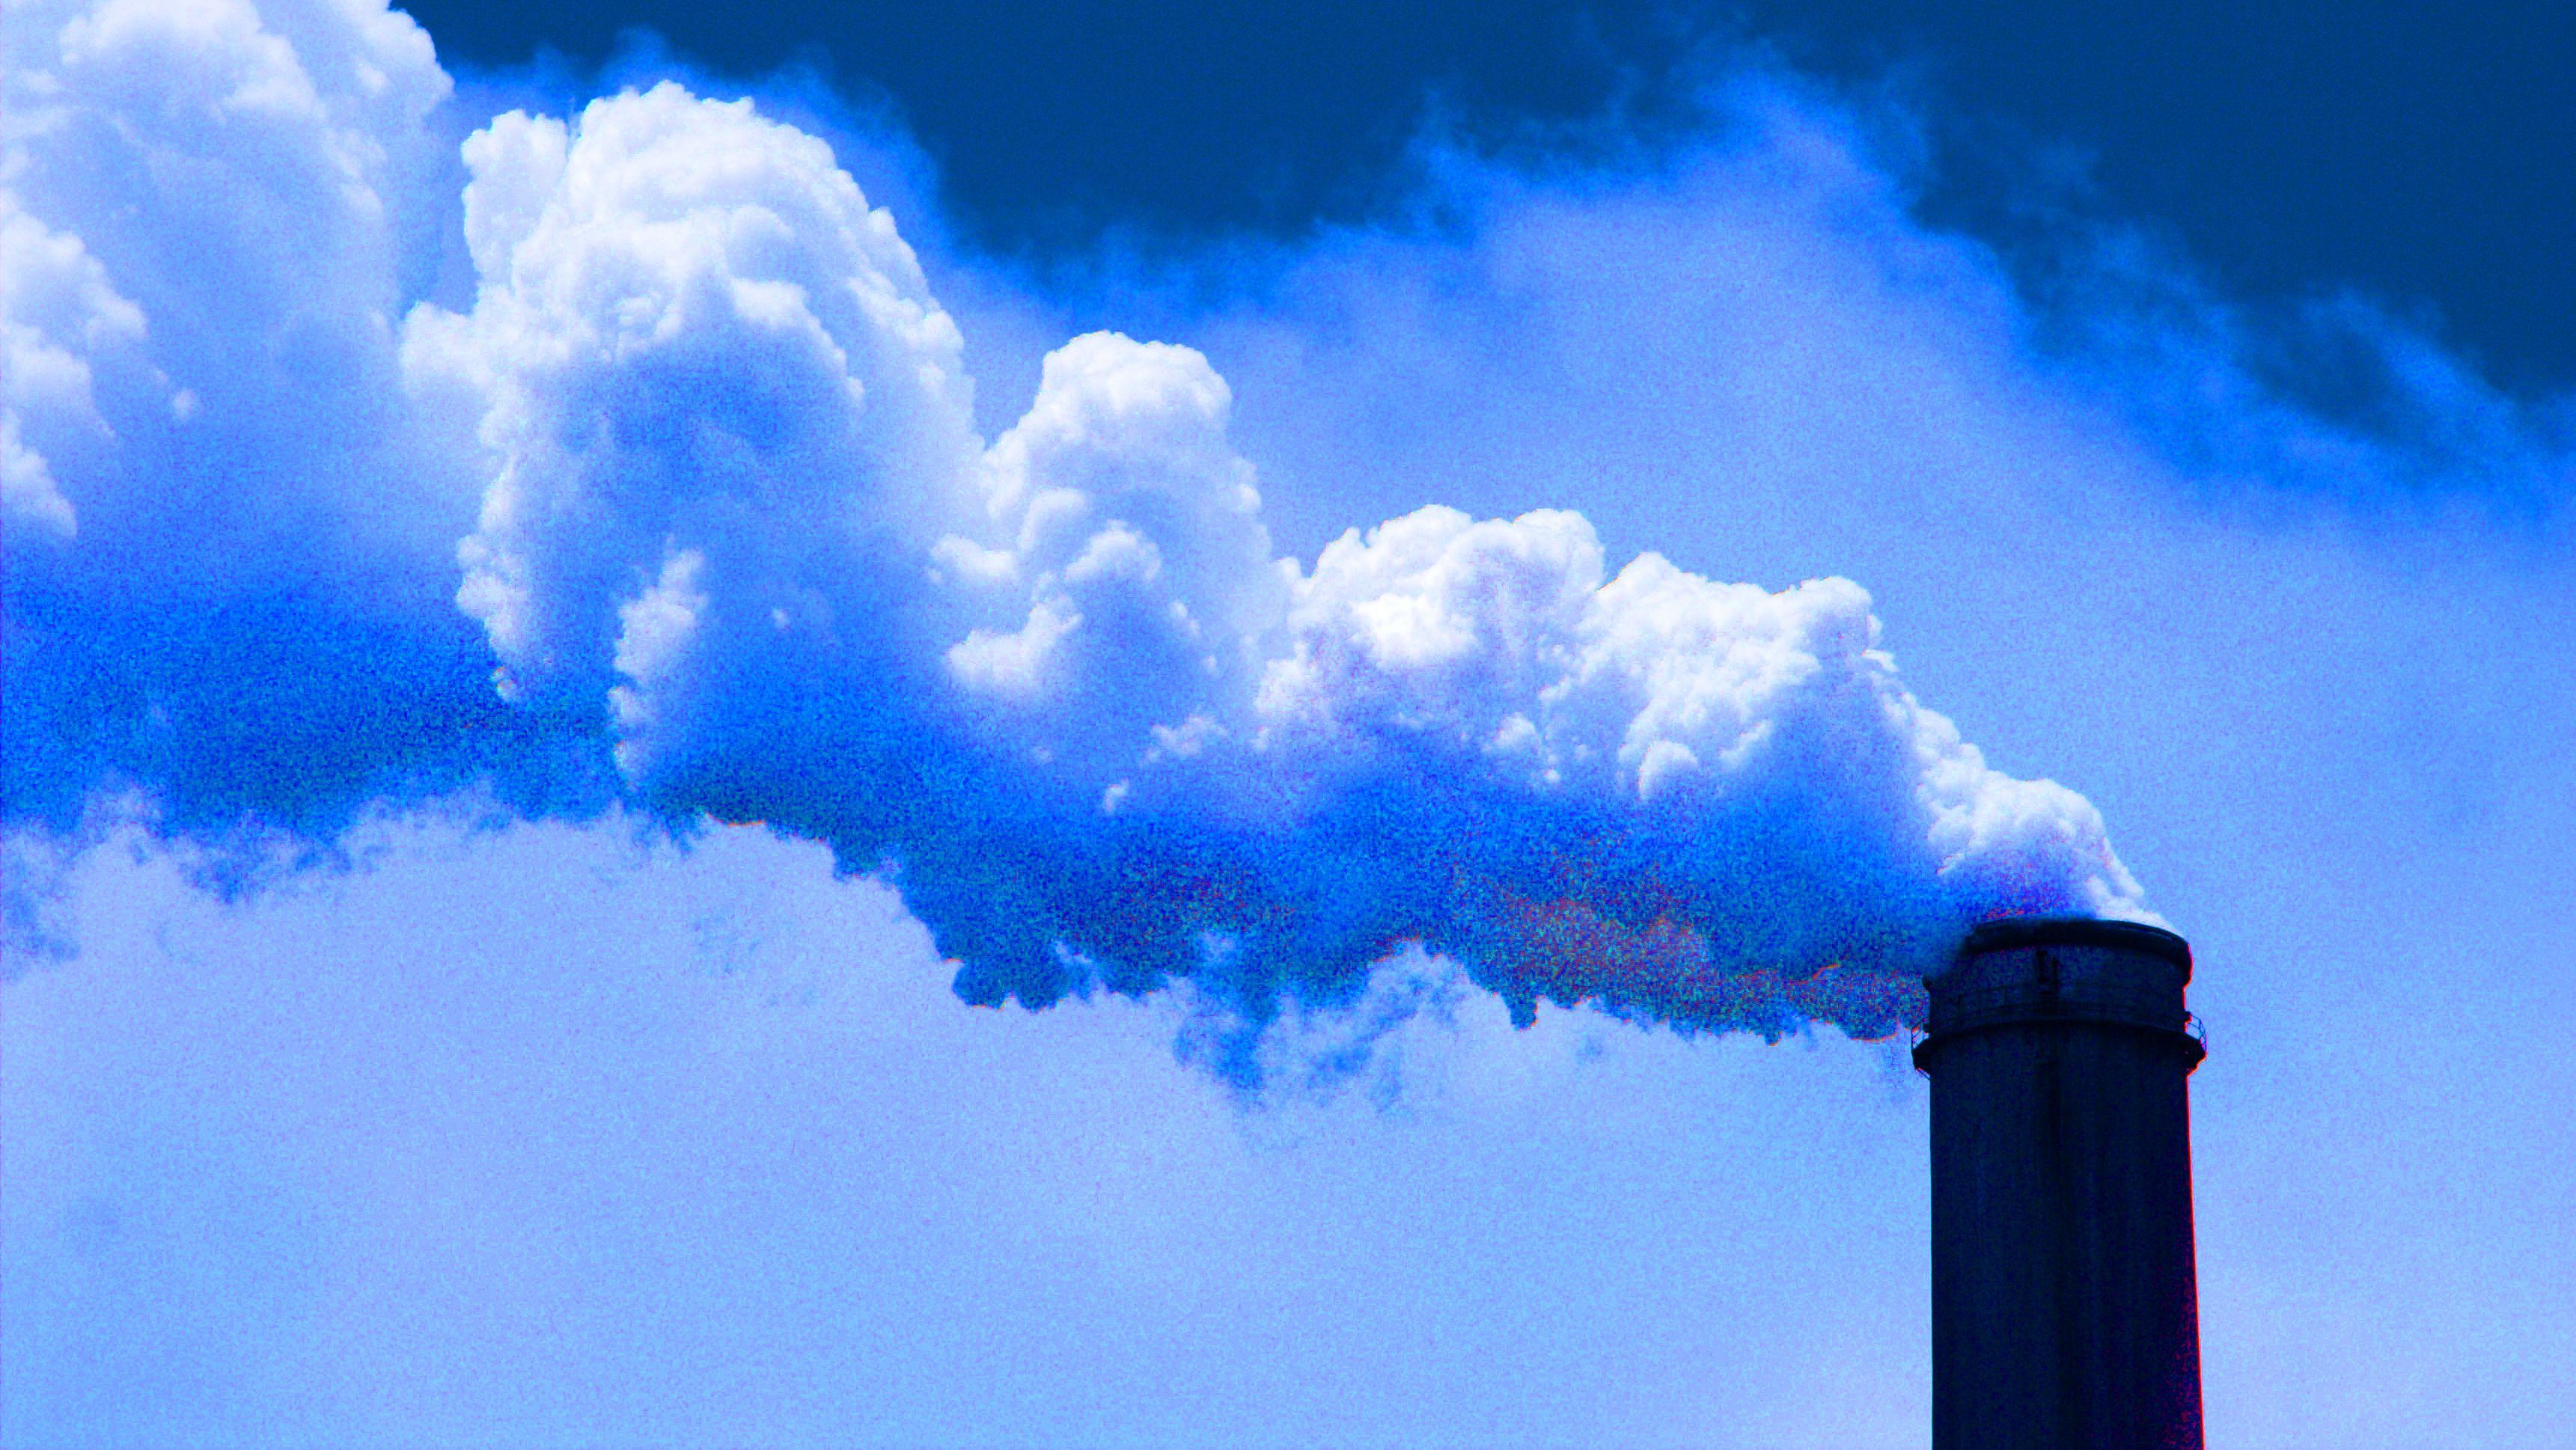 アンドリュー・マカフィー「資本主義の強化こそが温暖化対策」